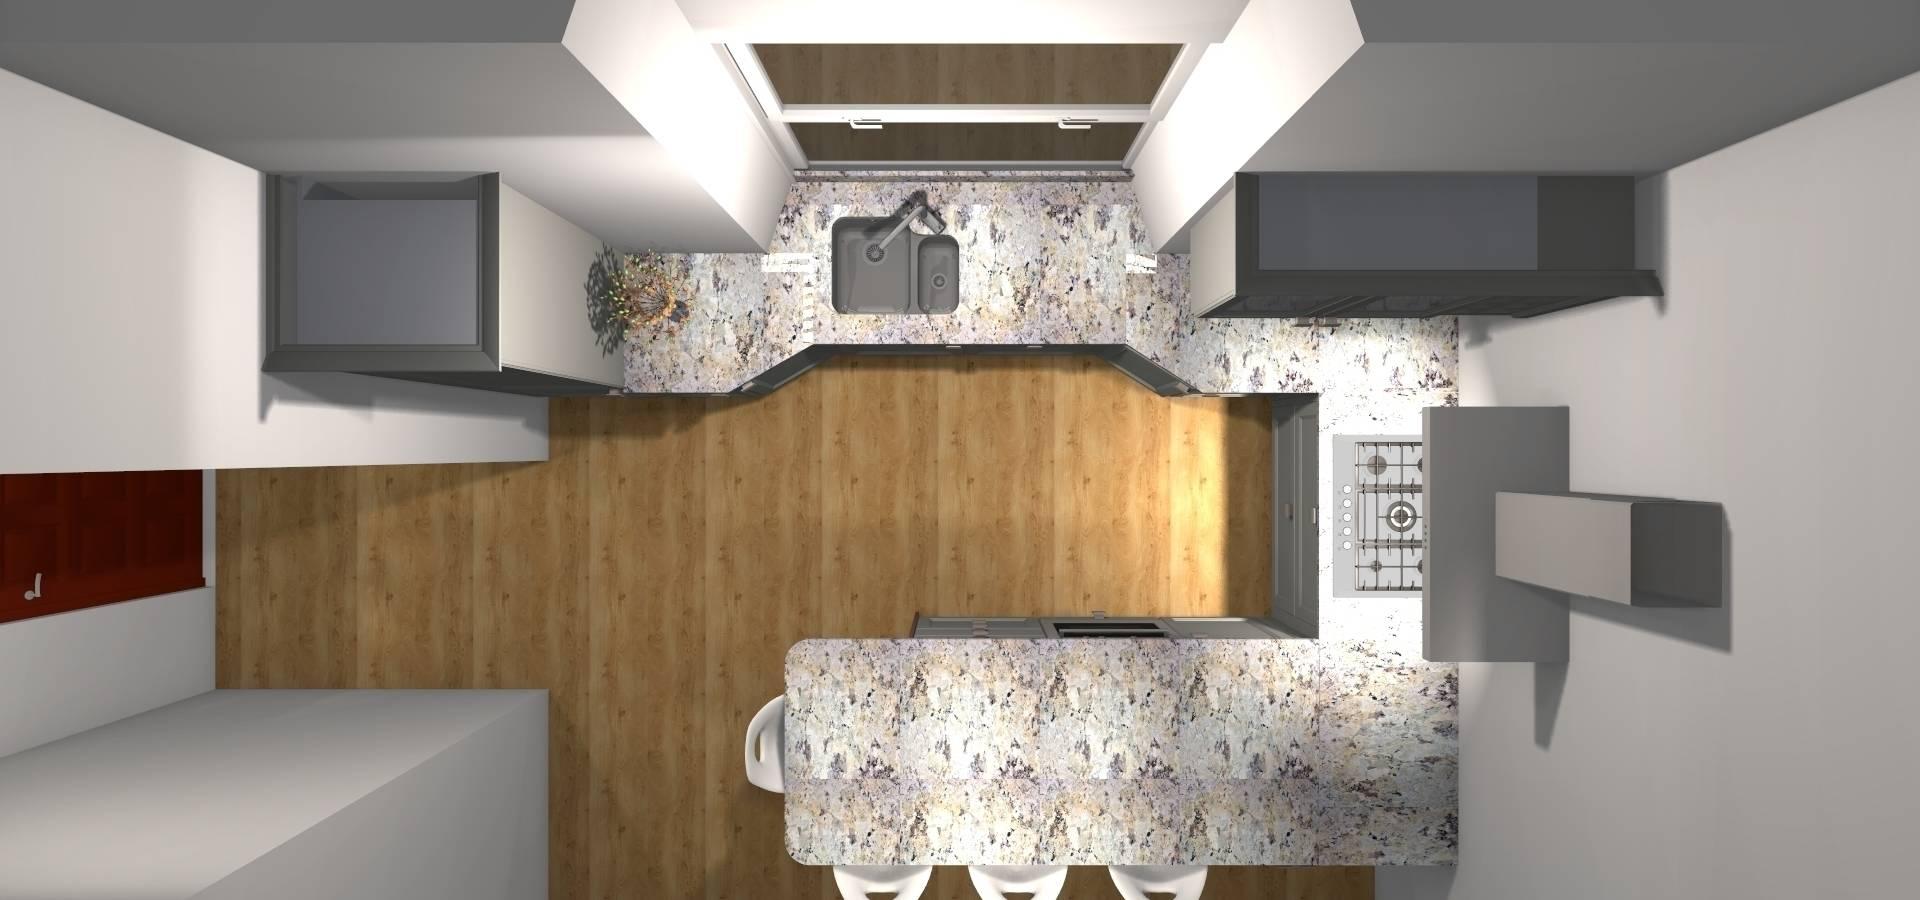 ATLAS Kitchens Bathrooms Bedrooms